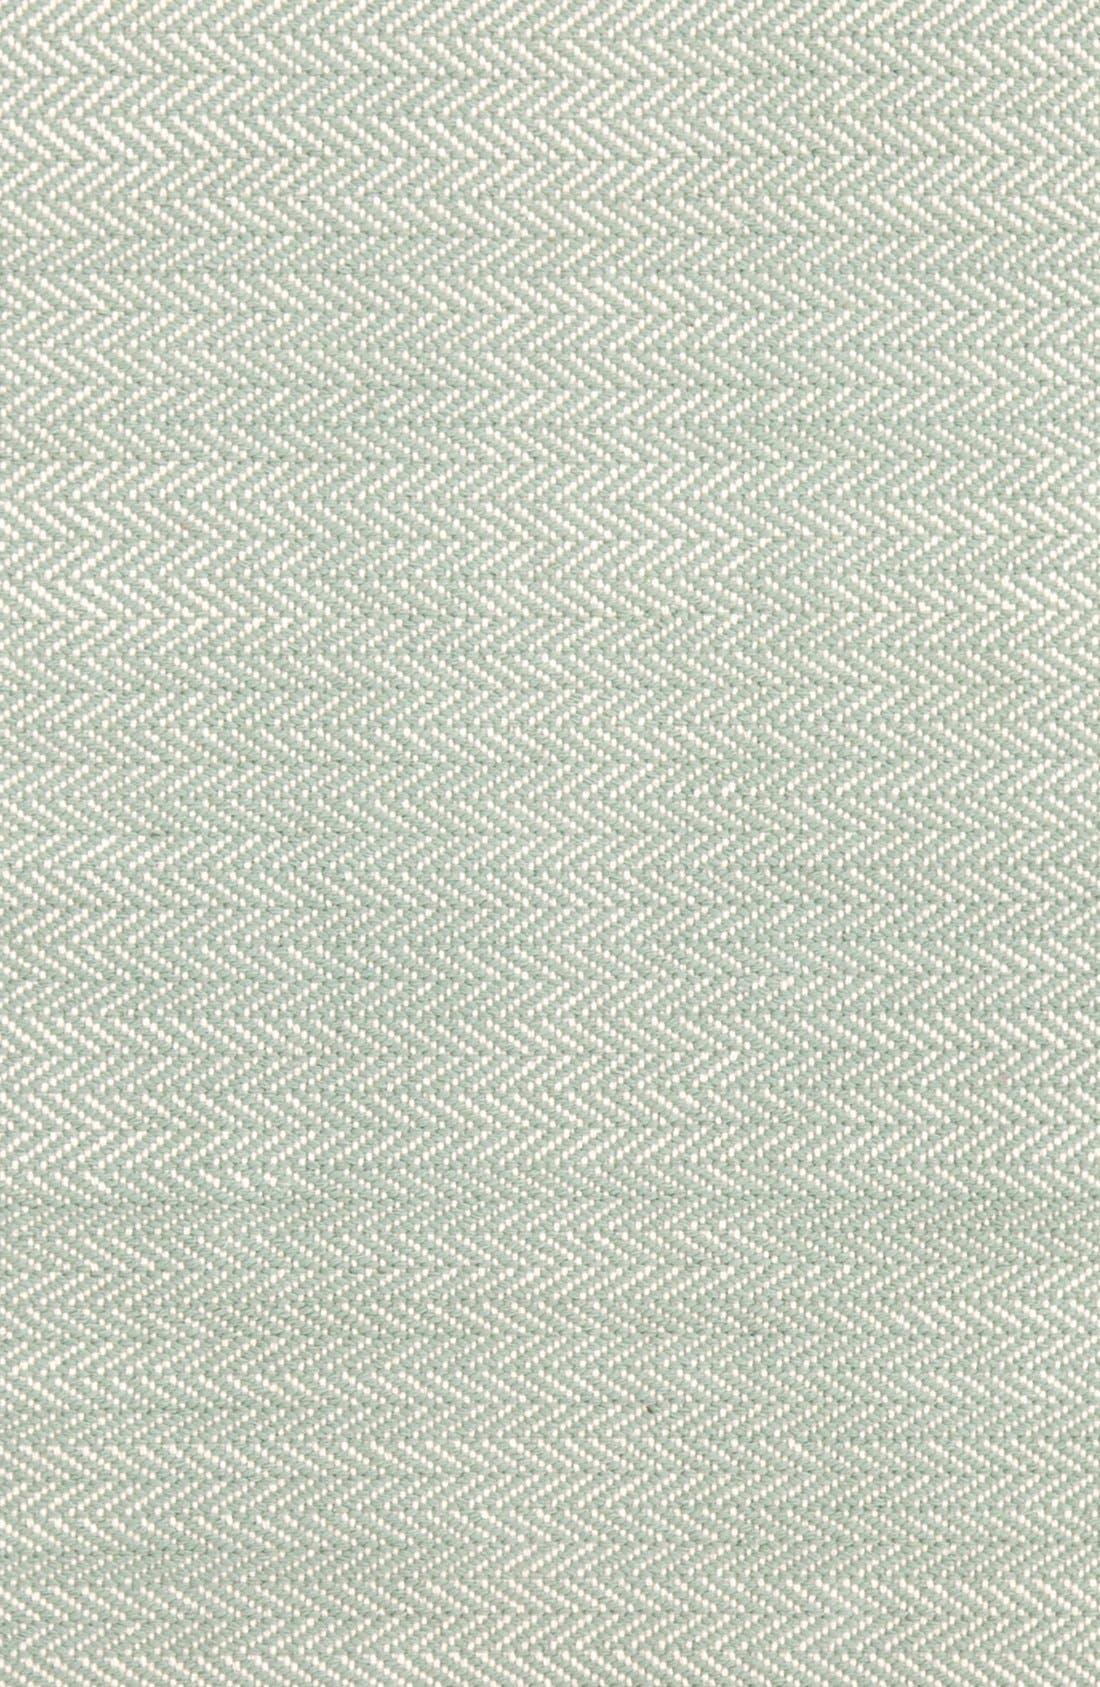 Alternate Image 2  - Dash & Albert Herringbone Rug